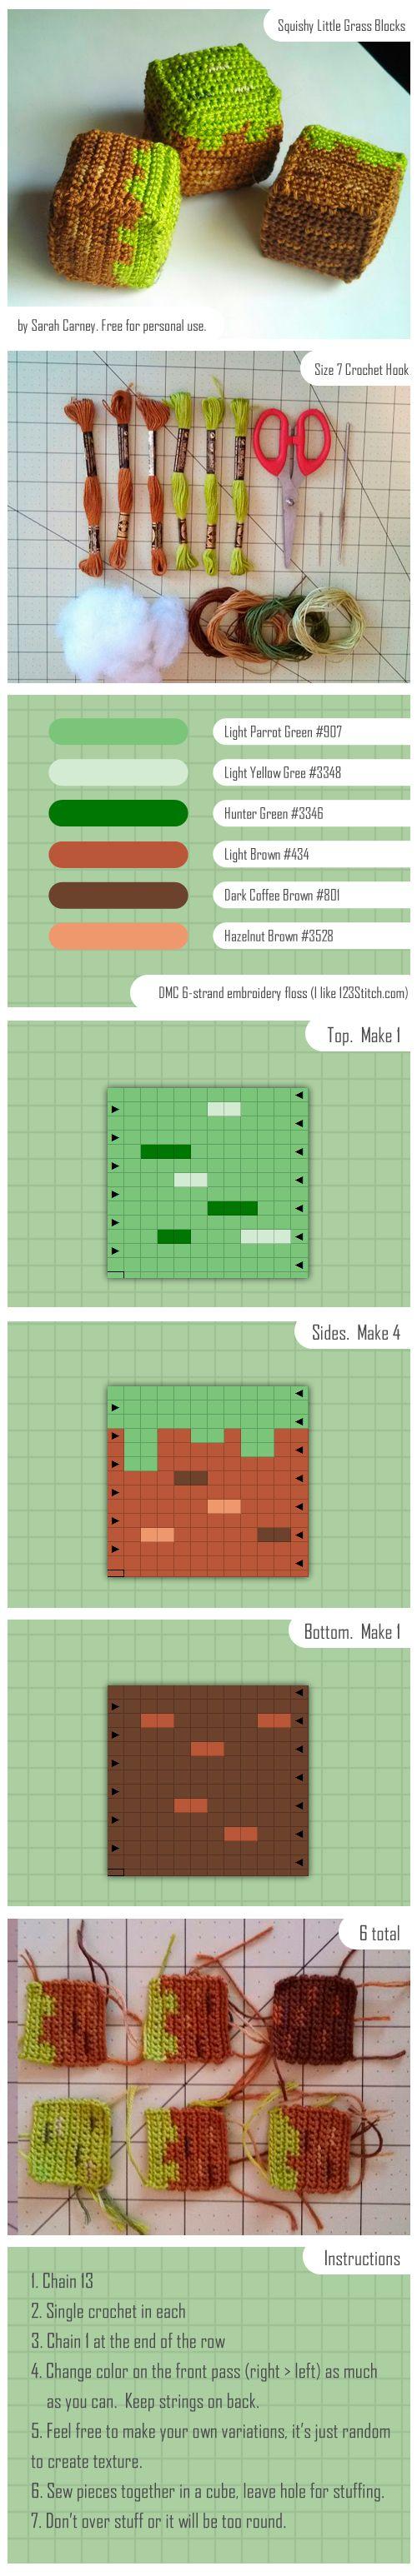 Grass Minecraft Block Crochet Tutorial by dinn | Crochet and ...